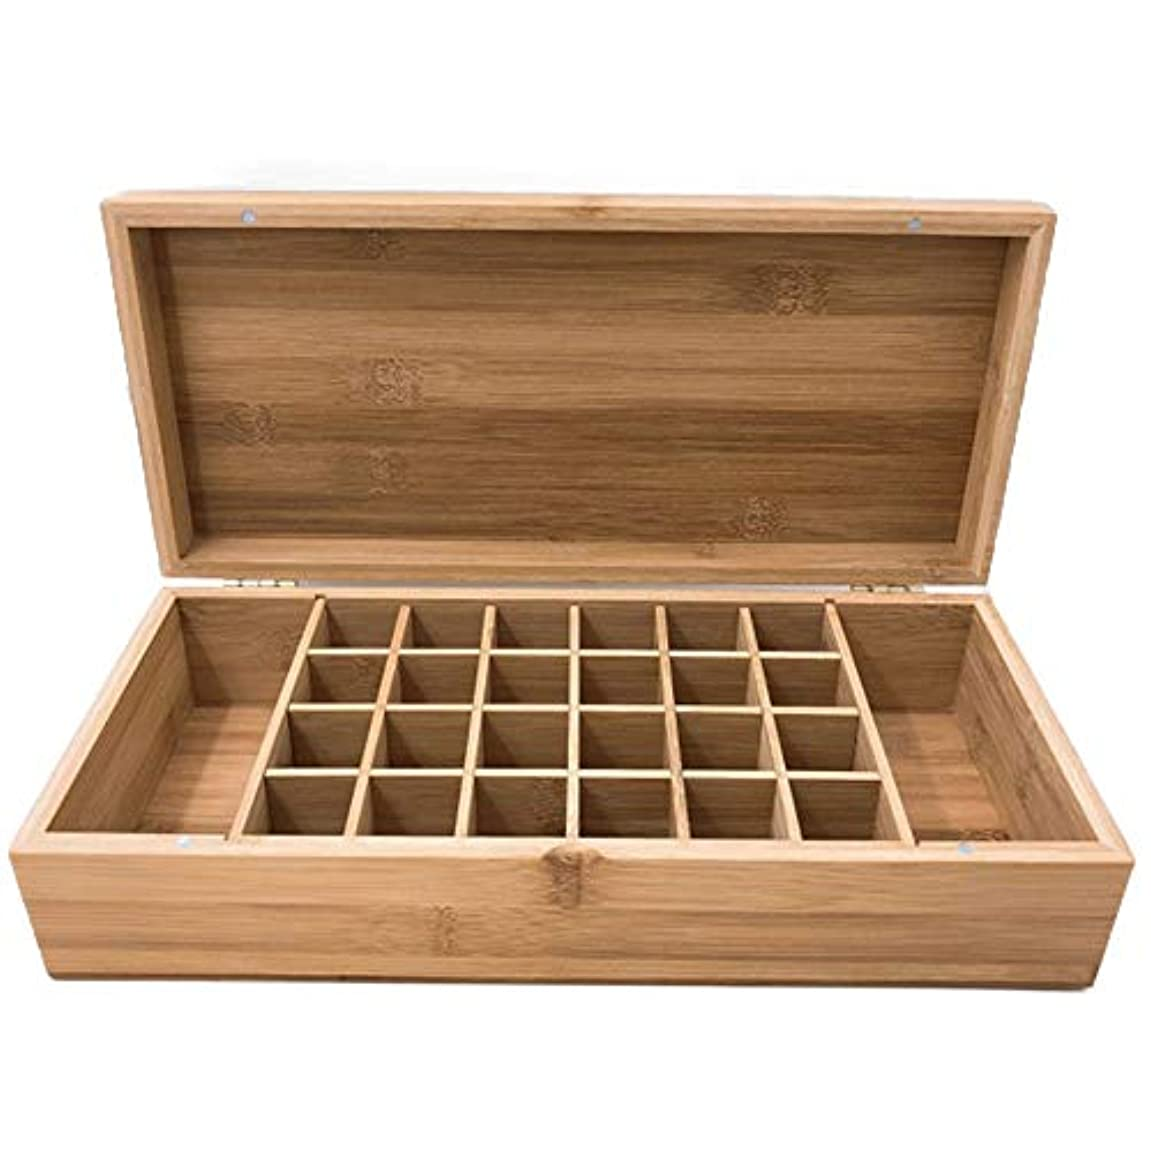 治世彼らのもの裏切りエッセンシャルオイルの保管 アロマセラピー油ボトル用エッセンシャルオイルストレージボックス26スロットは木製主催キャリングケース (色 : Natural, サイズ : 33.5X15X8.3CM)